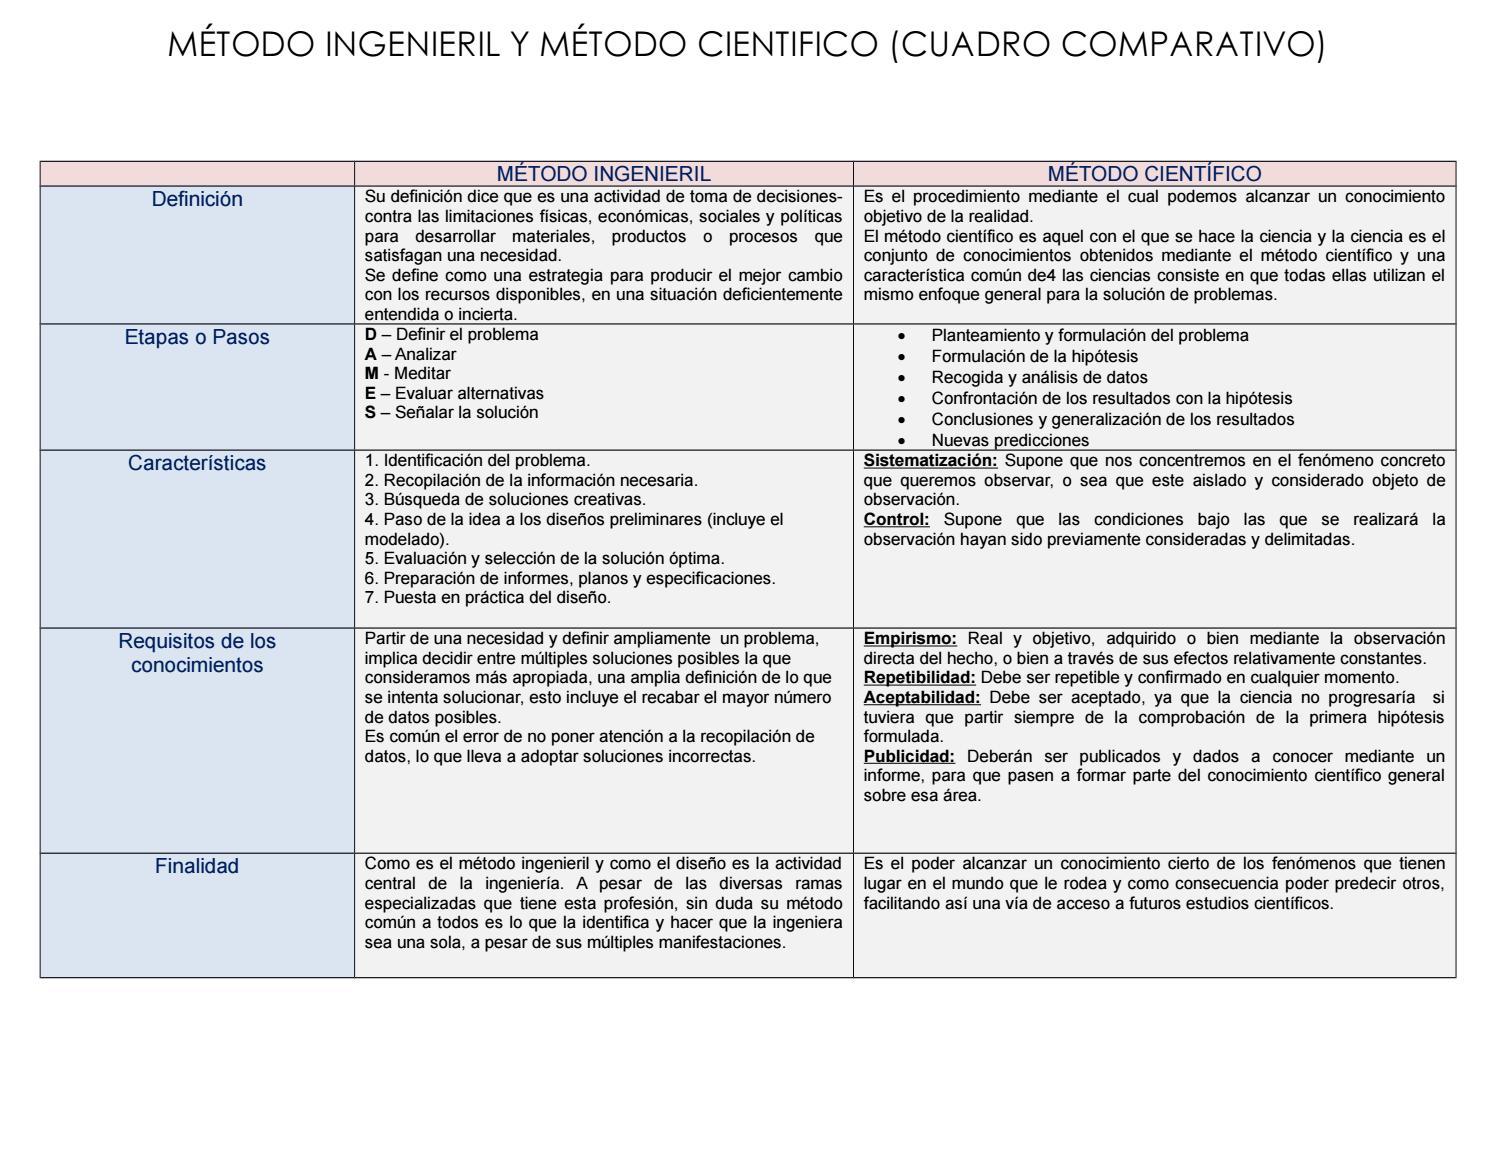 Cuadro comparativo 2fa by Alejandra_MG - issuu